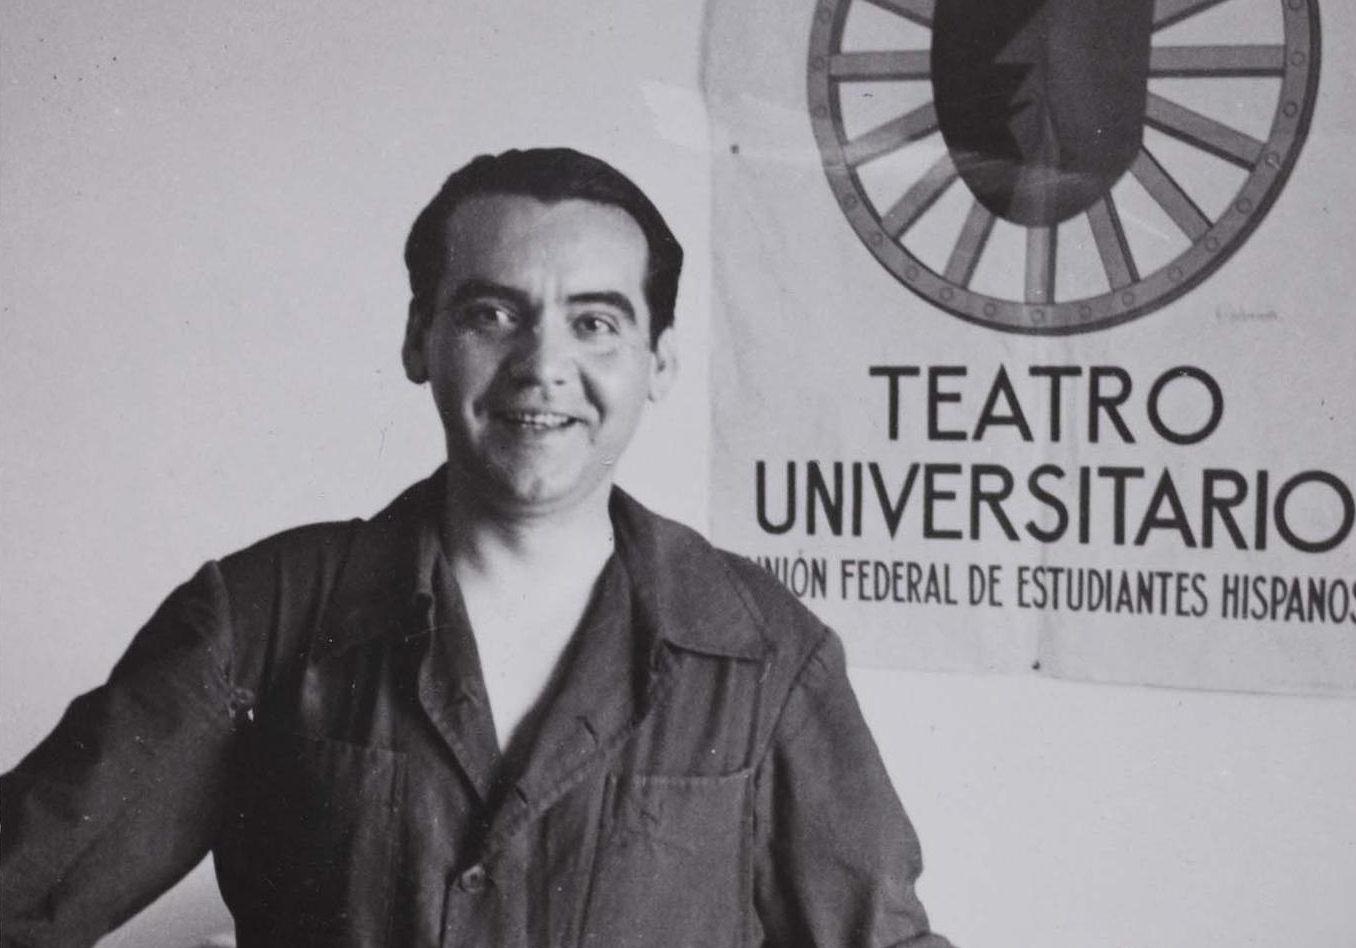 Federico Garcia Lorca (1898-1938), dramaturge espagnol